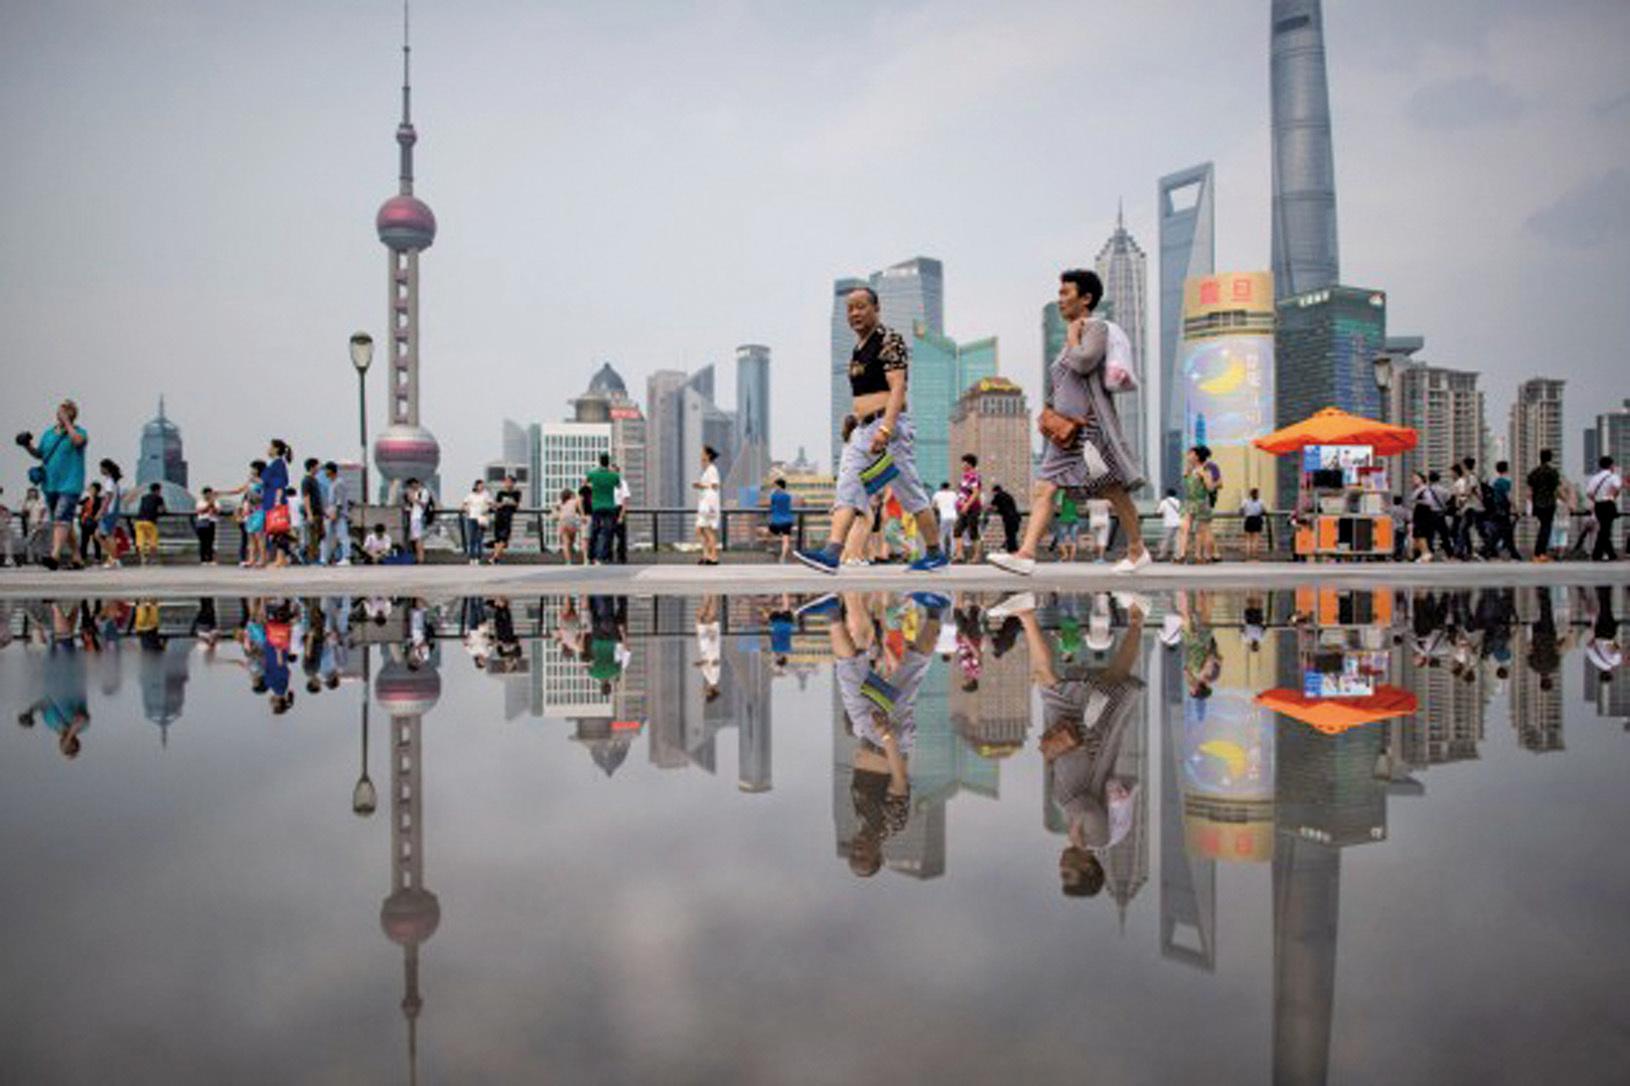 中國M1貨幣供應在迅速上升,但是M2貨幣供應卻沒有相應跟上。這導致中國式流動性陷阱的出現。 (JOHANNES EISELE/AFP/Getty Images)